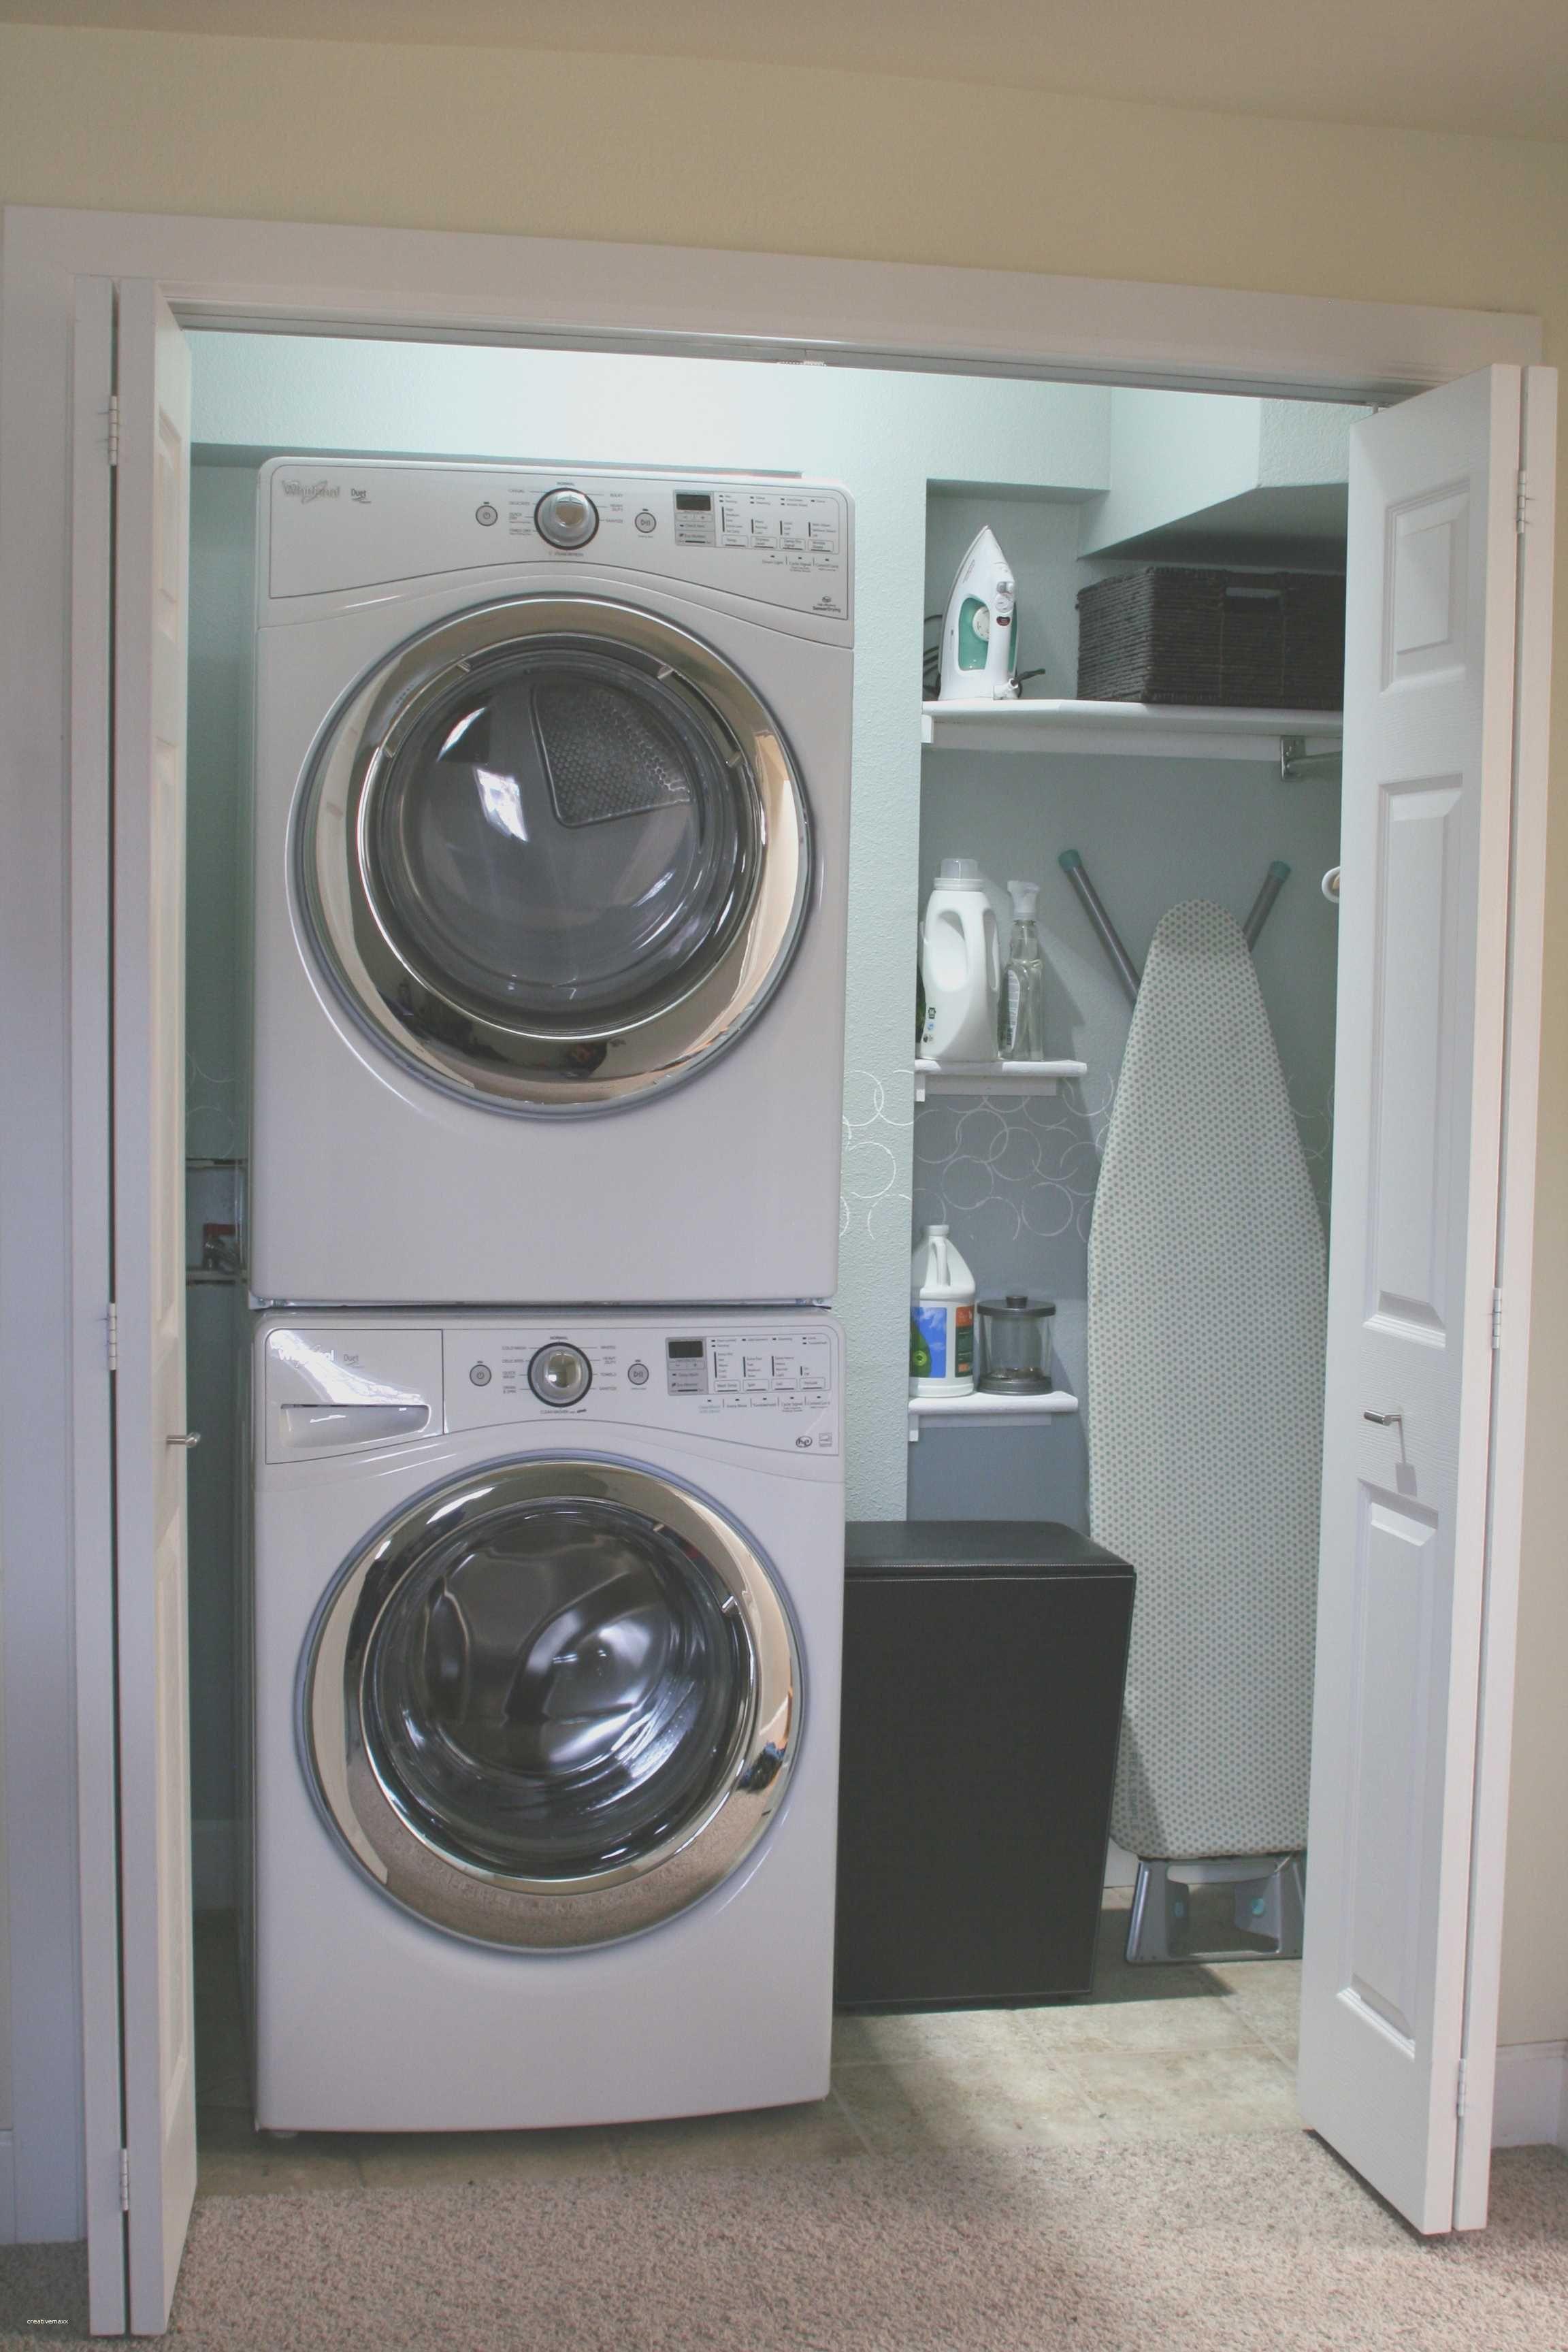 Laundry Room Ideas Small Stackable Closet Luxury Laundry Room Ideas Small Stackable Closet La Renovation De Buanderie Buanderie Placard Pour Linge De Maison